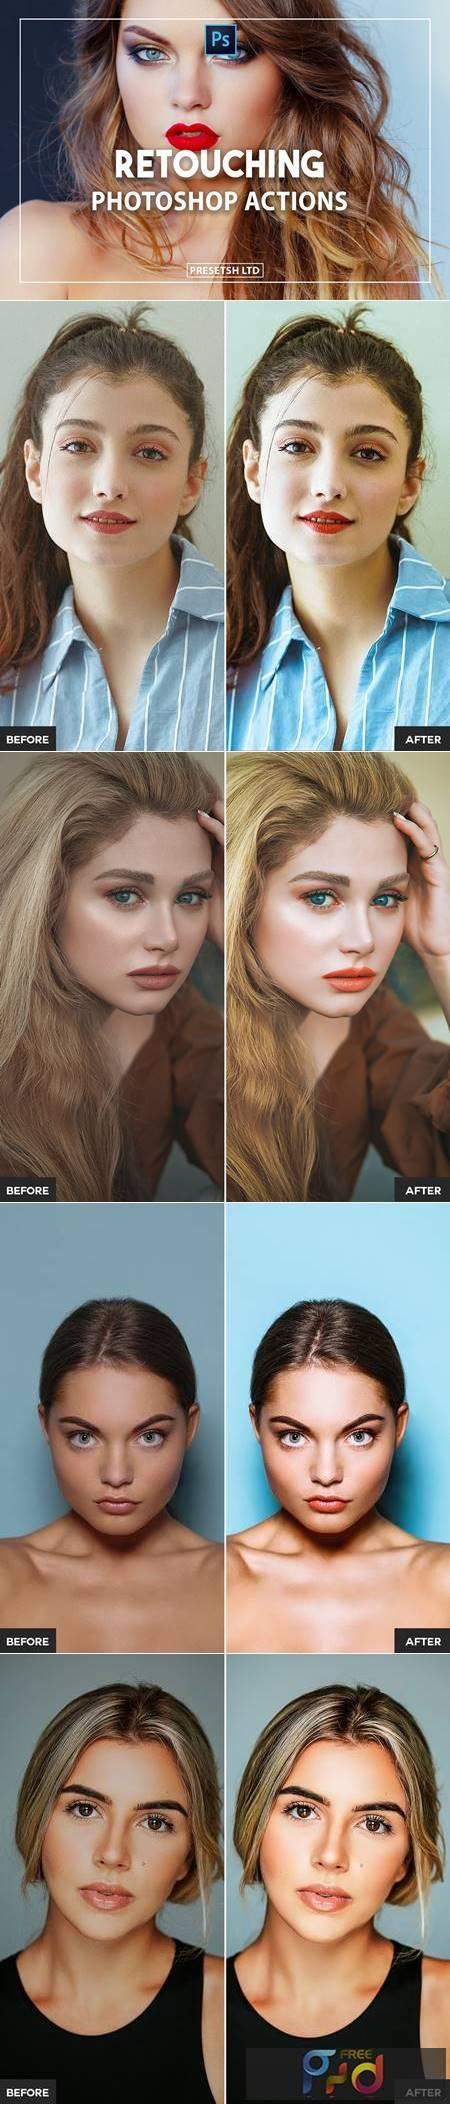 Retouching Photoshop Actions NAGPNYV 1